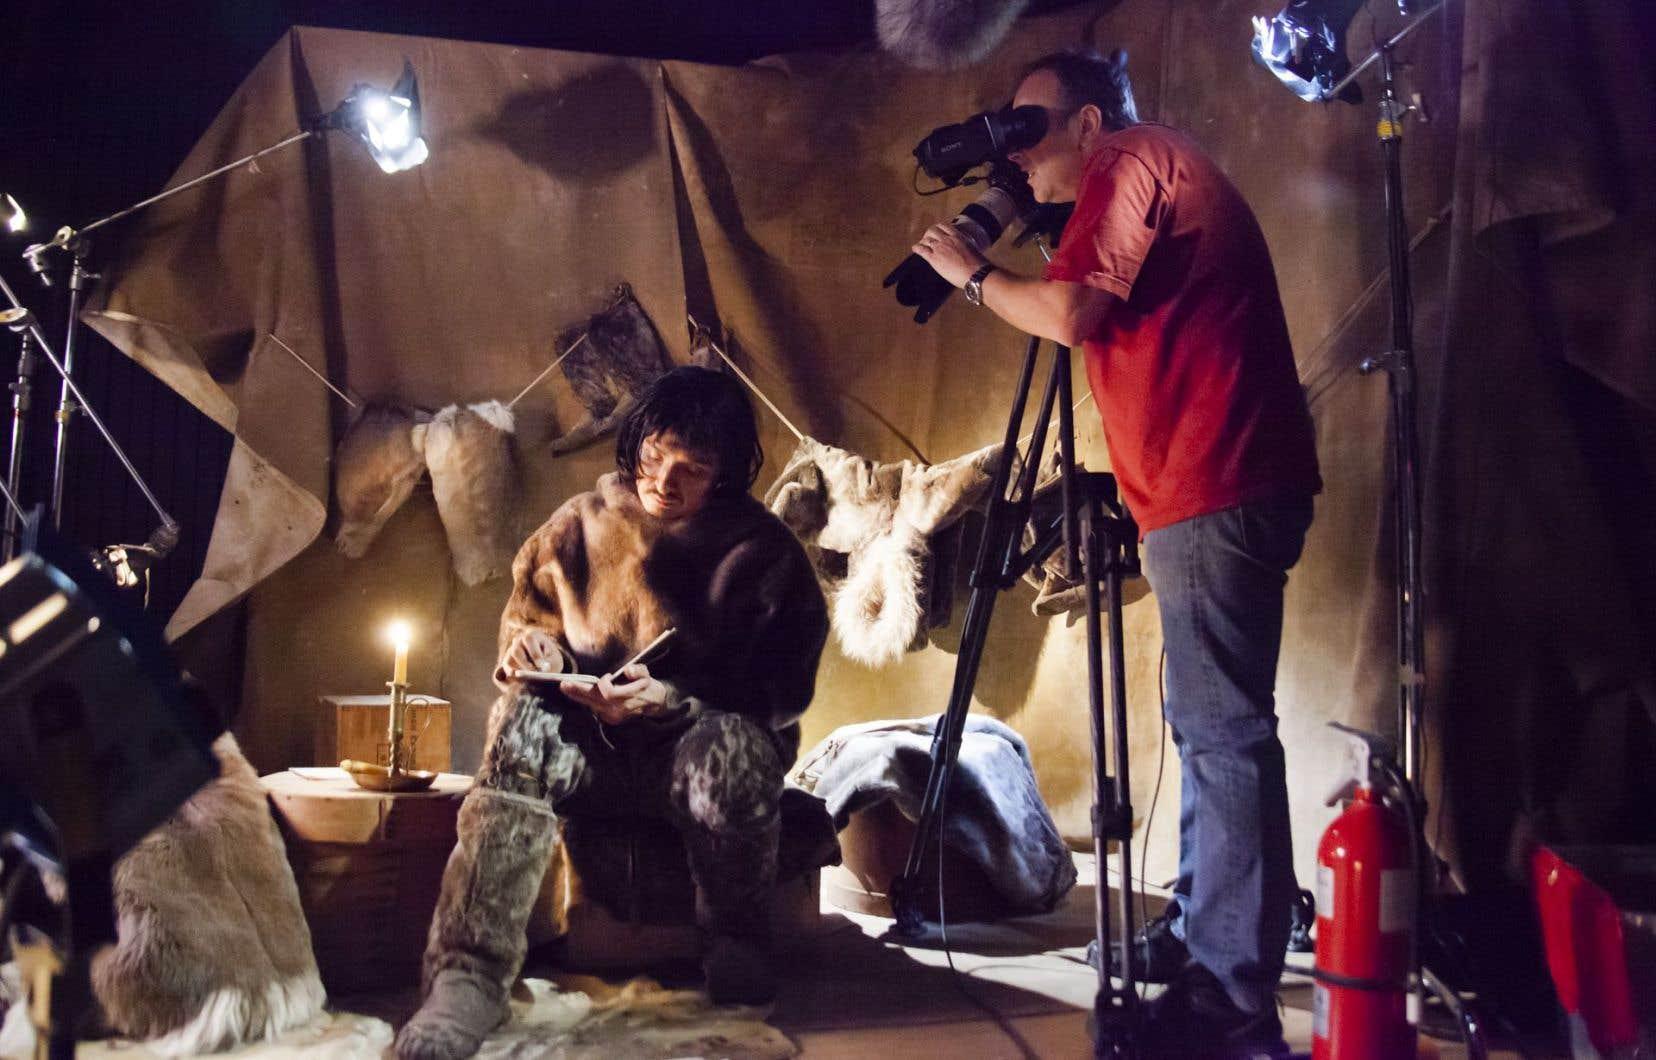 Les coulisses du tournage d'une dramatisation du documentaire Piégés dans un zoo humain